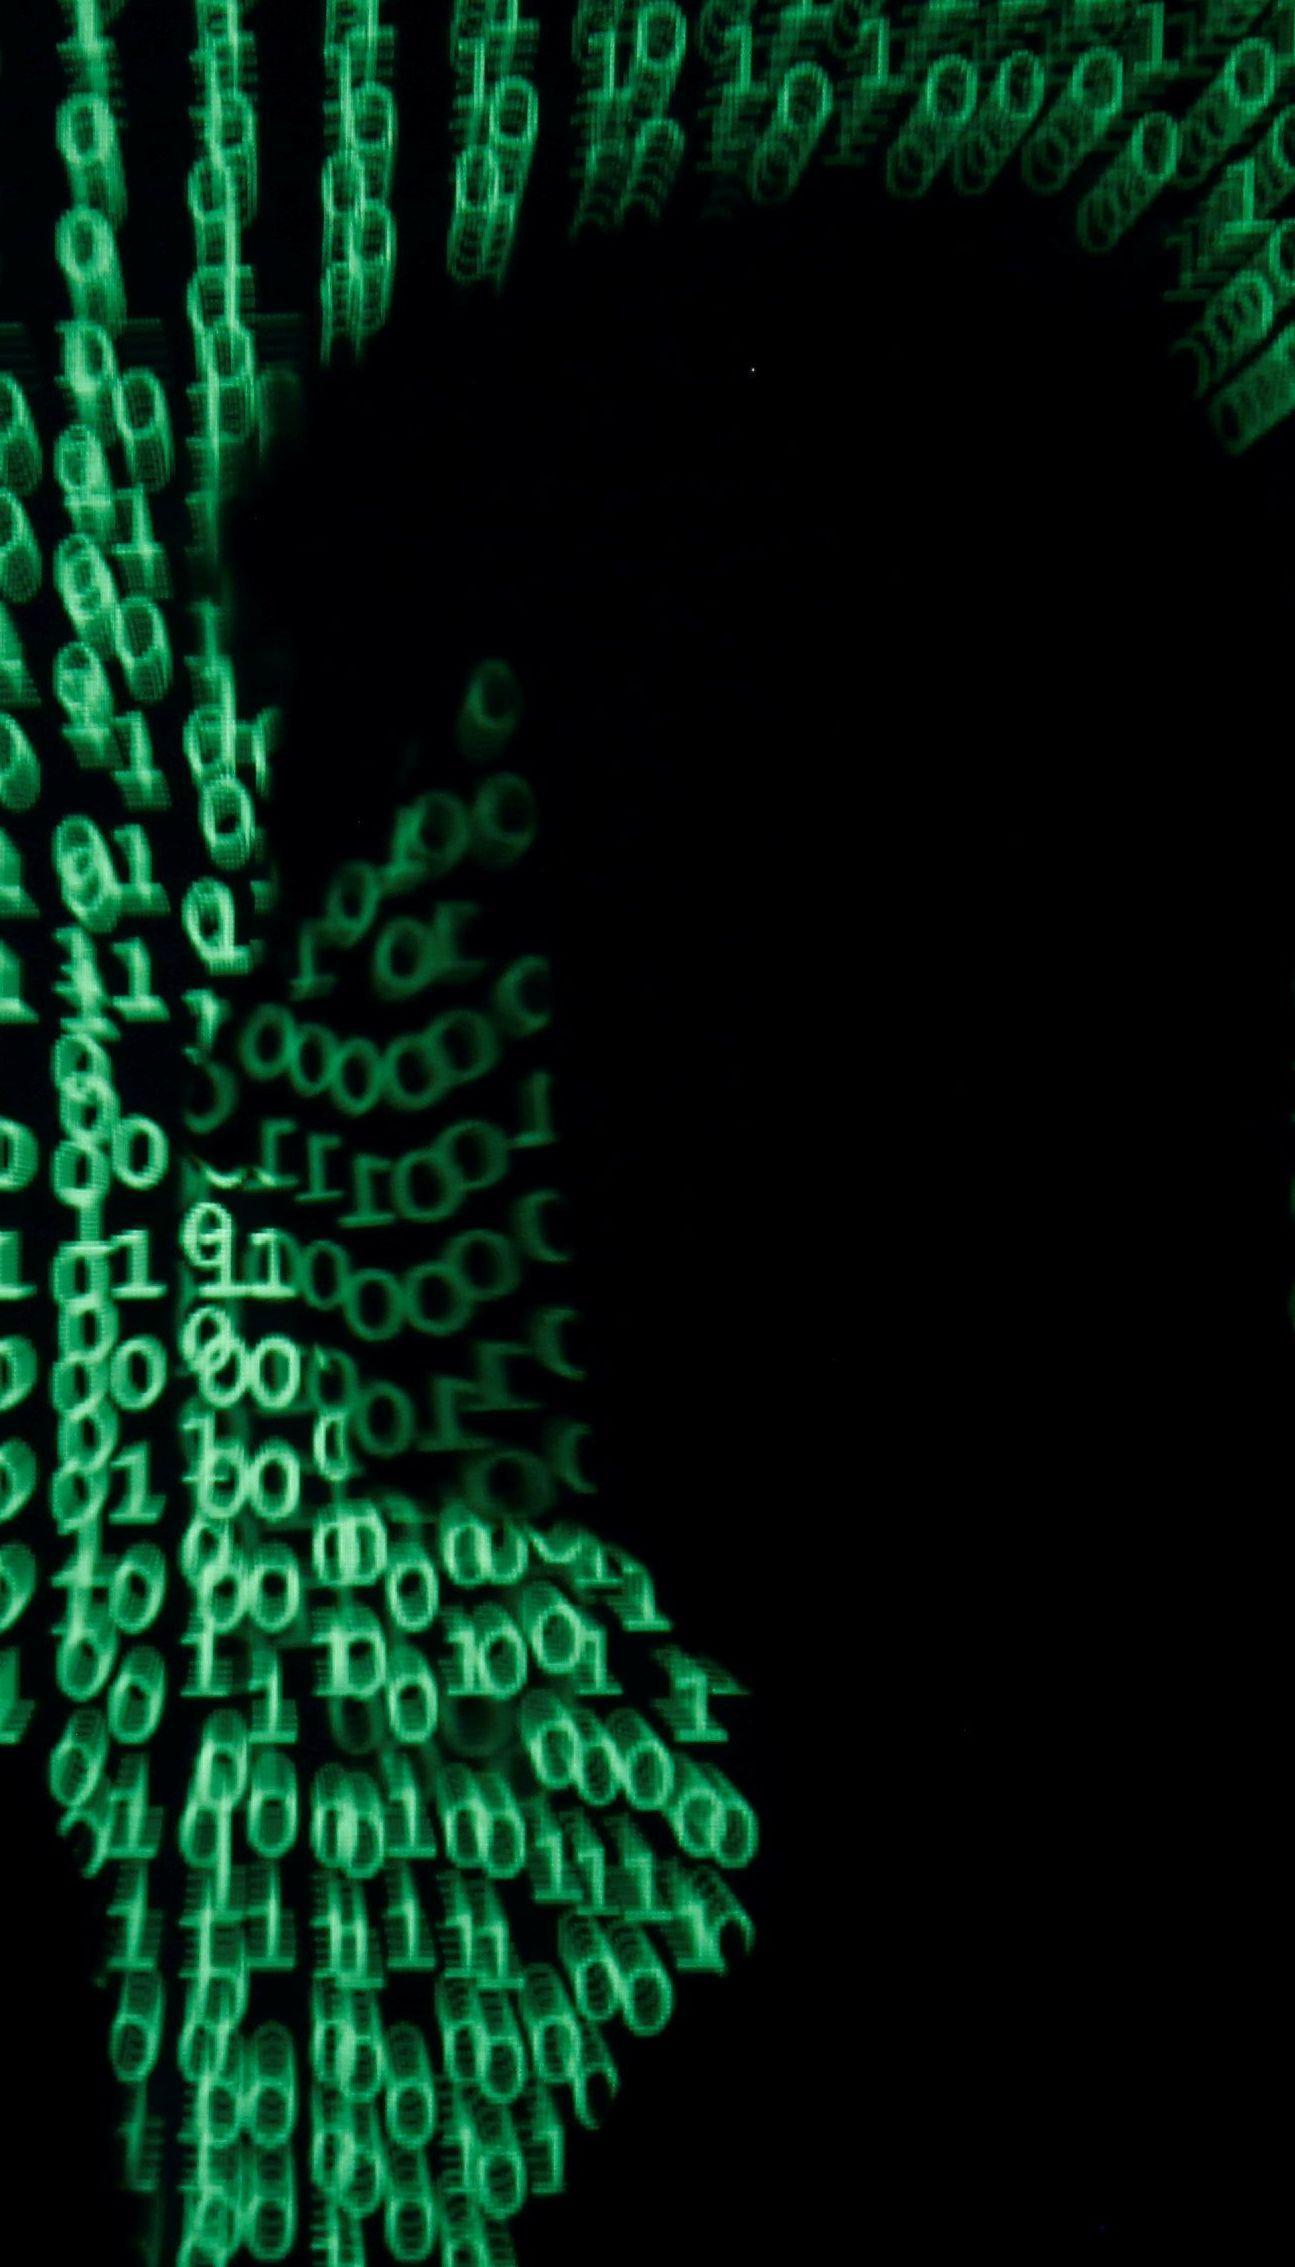 Передається через Facebook: Україною поширився новий комп'ютерний вірус